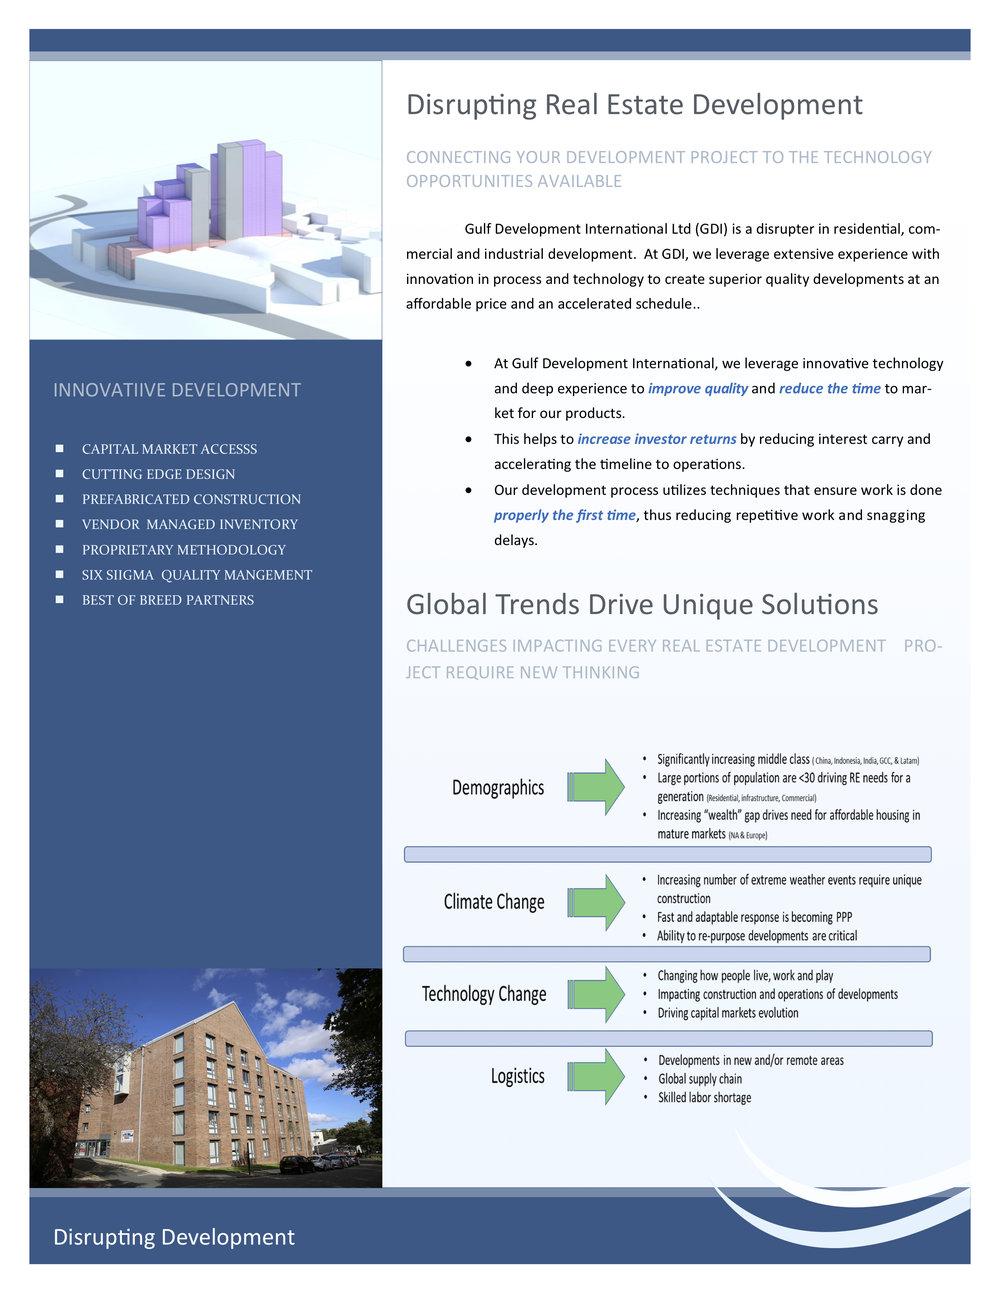 GDI_GeneralBrochureV002-2.jpg